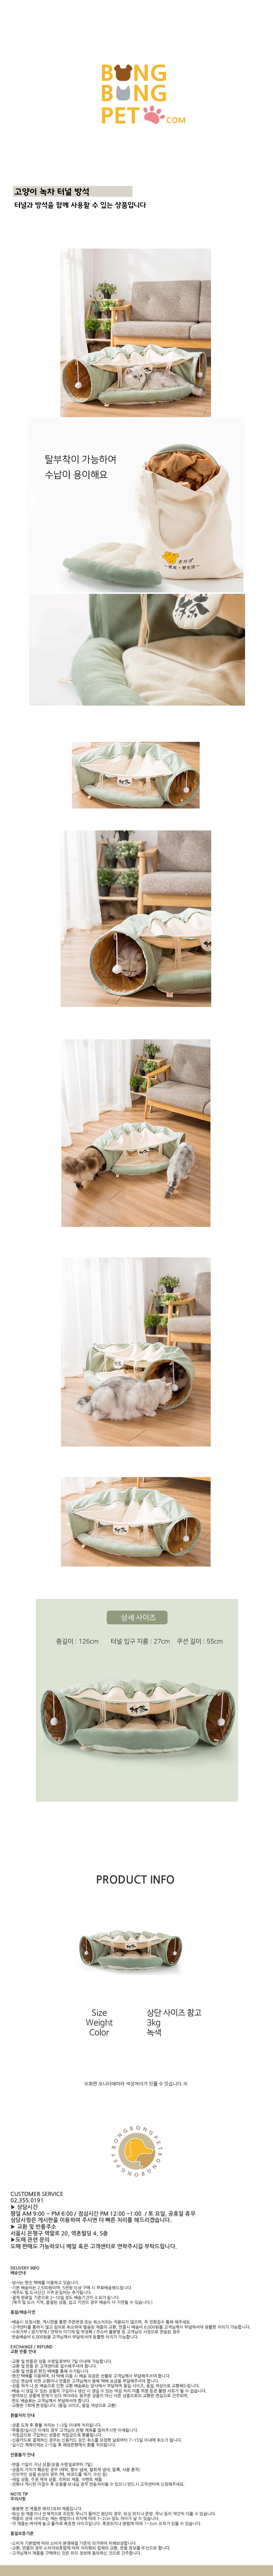 (봉봉펫닷컴) 고양이 녹차 터널 방석 - 한국침구예진, 35,000원, 장난감/스크래쳐, 장난감